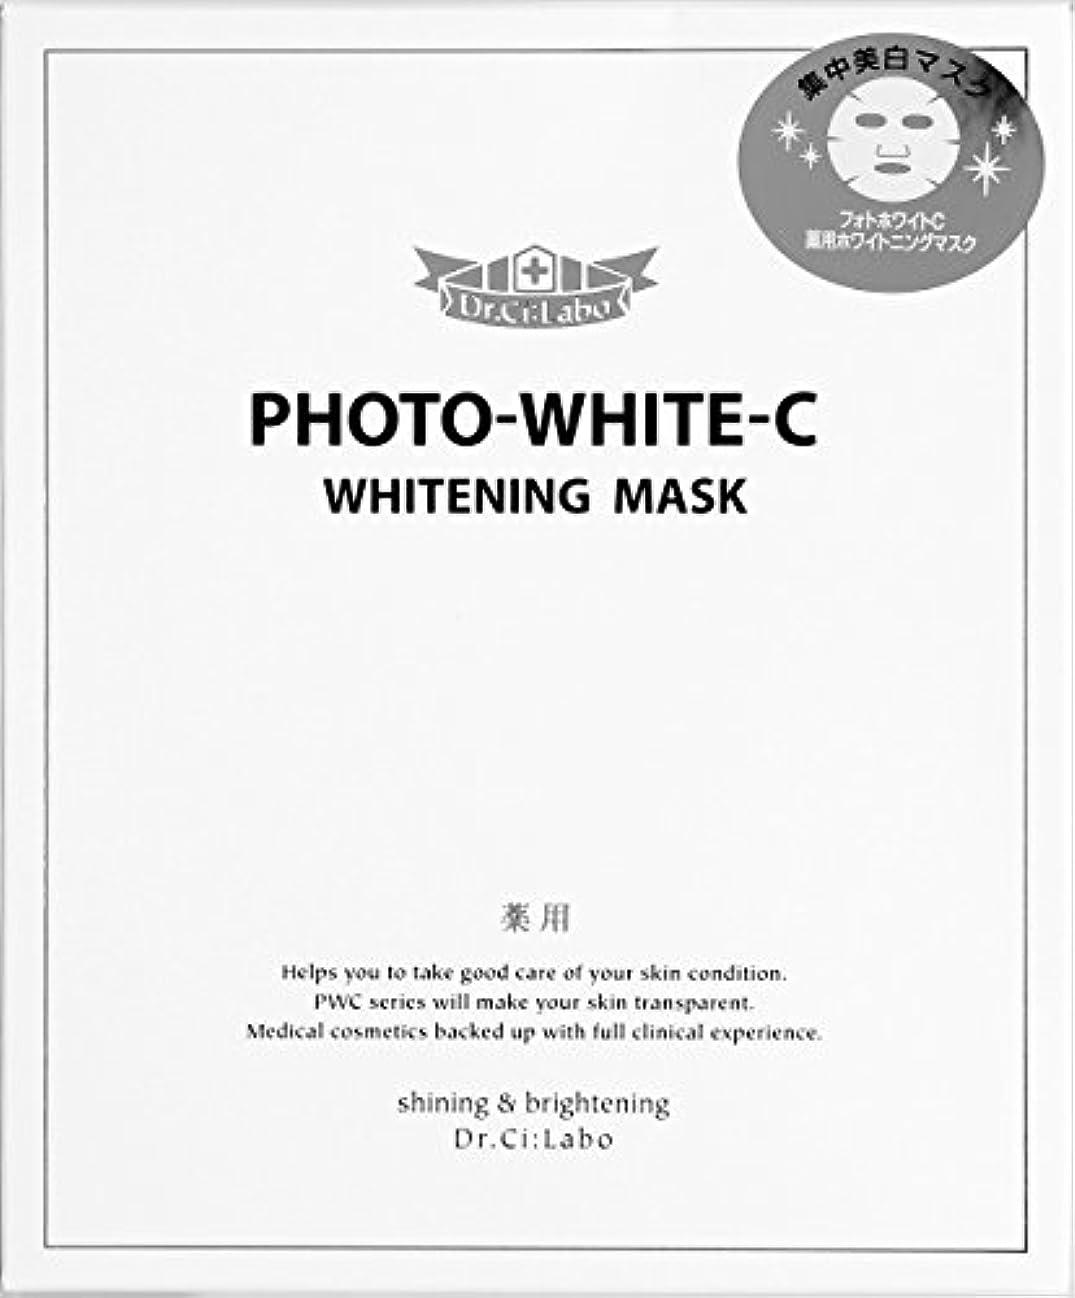 倫理ブランデー意識ドクターシーラボ フォトホワイトC 薬用ホワイトニングマスク (1箱:5枚入り) フェイスパック [医薬部外品]